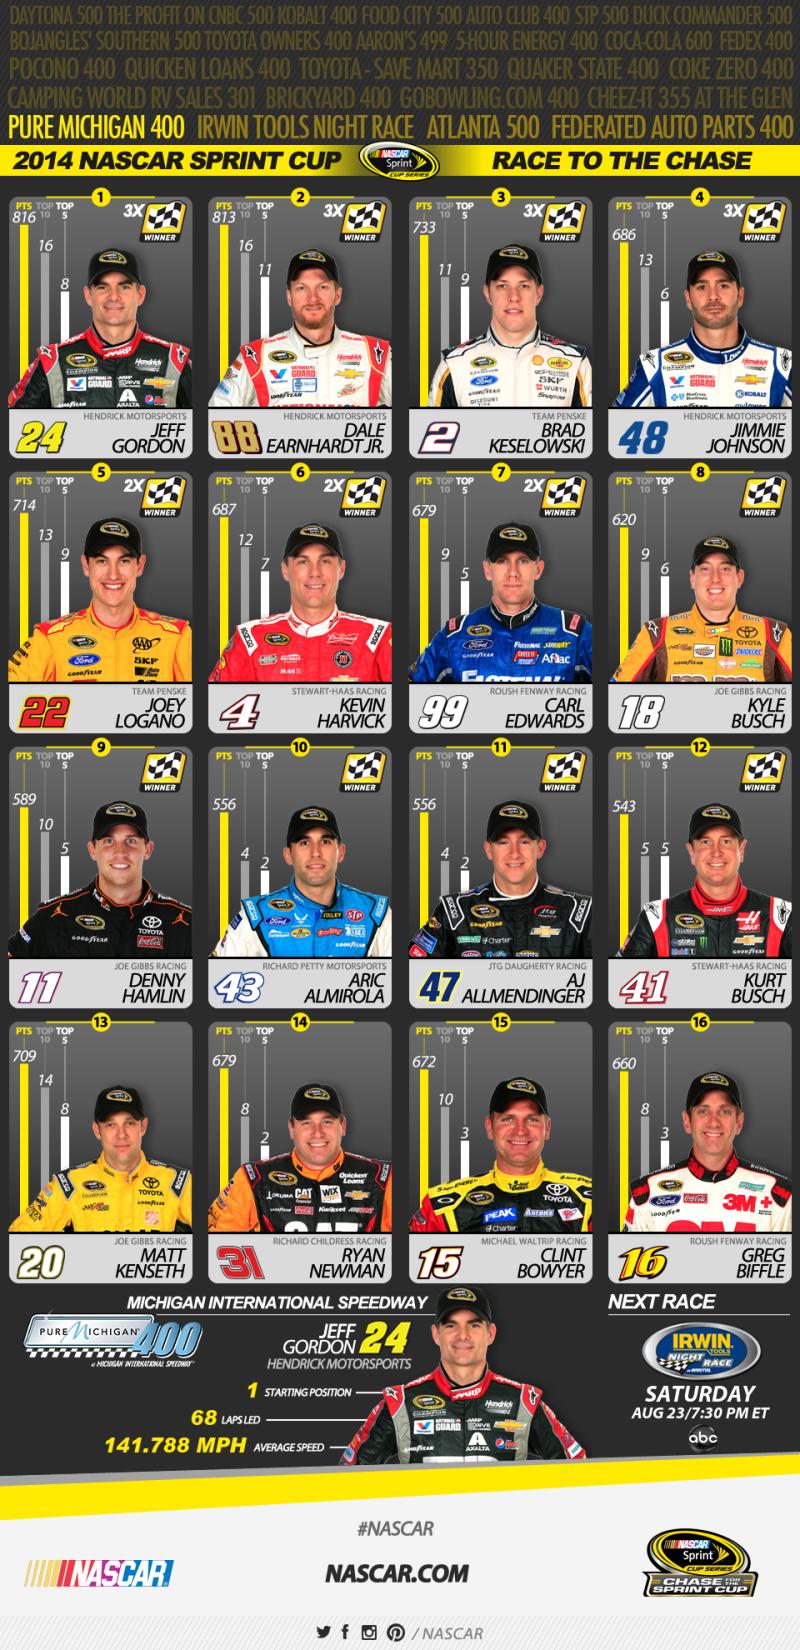 NASCAR Sprint Cup ranking 8-17-2014